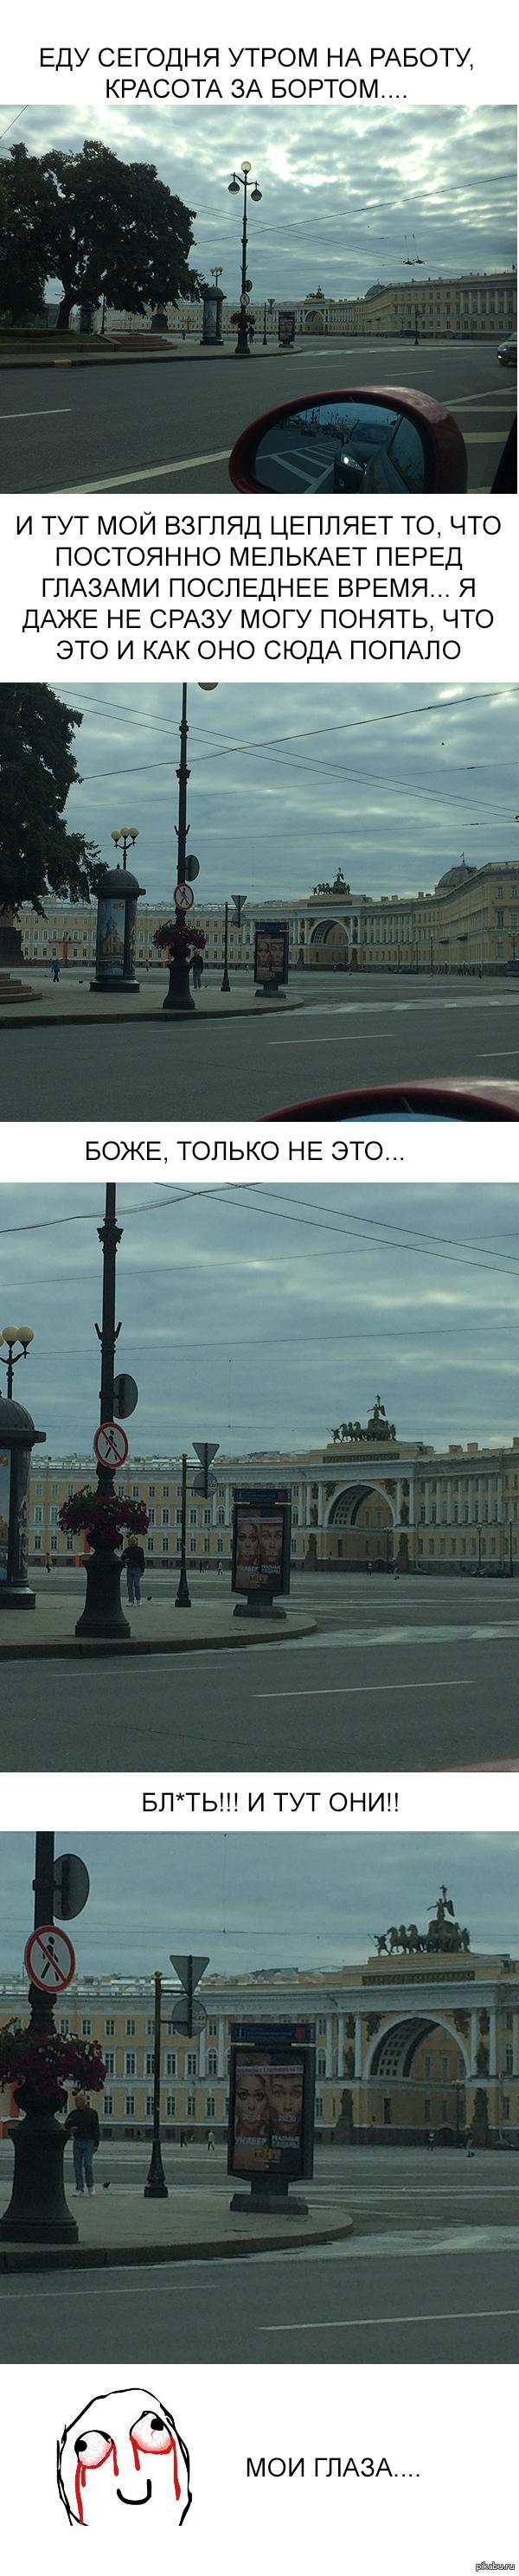 Когнитивный диссонанс с приветом из Петербурга -)